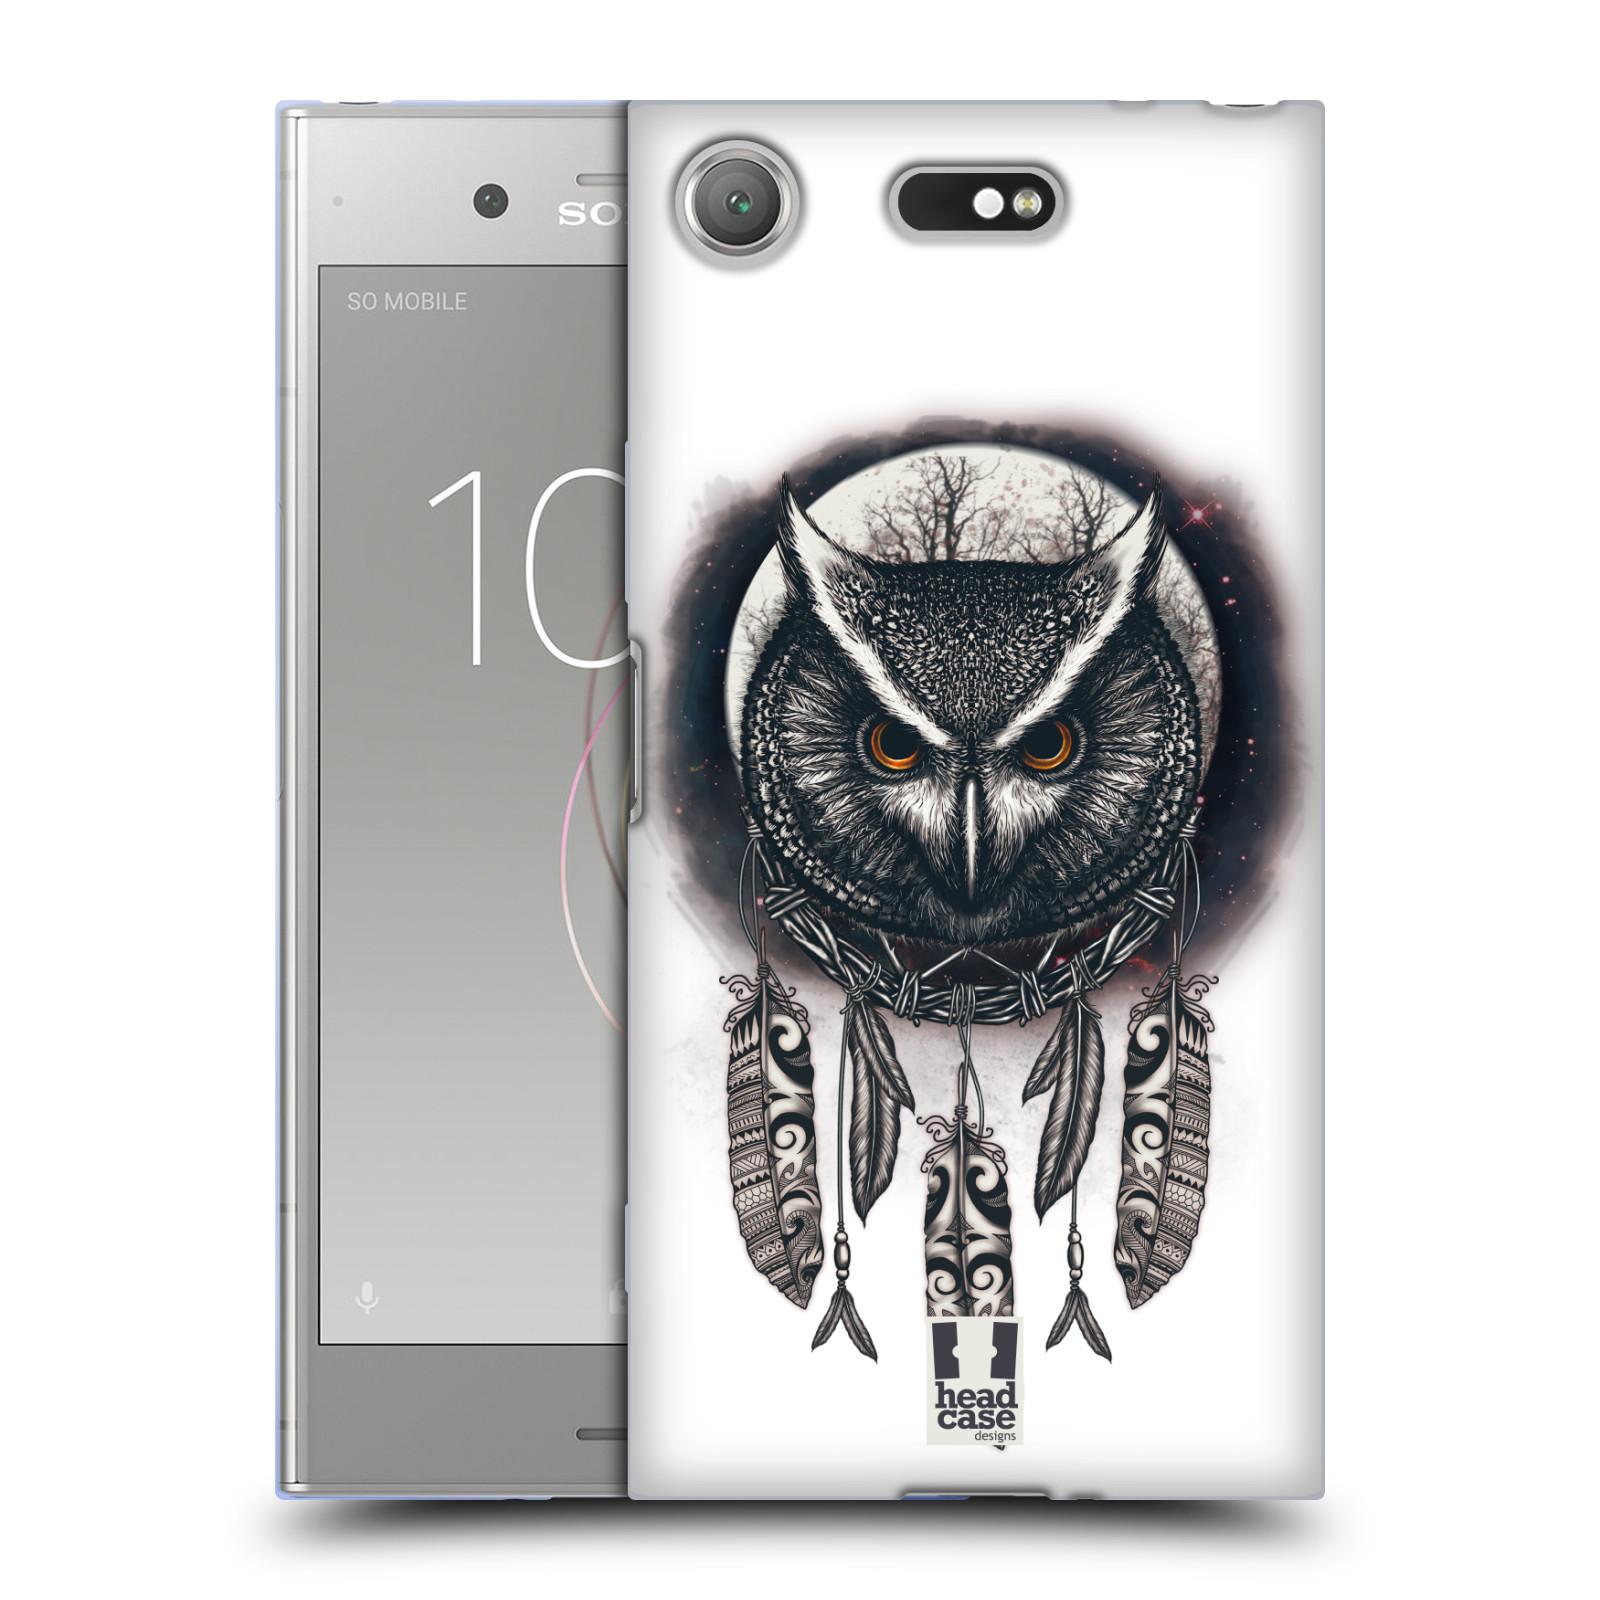 Silikonové pouzdro na mobil Sony Xperia XZ1 Compact - Head Case - Soví lapač